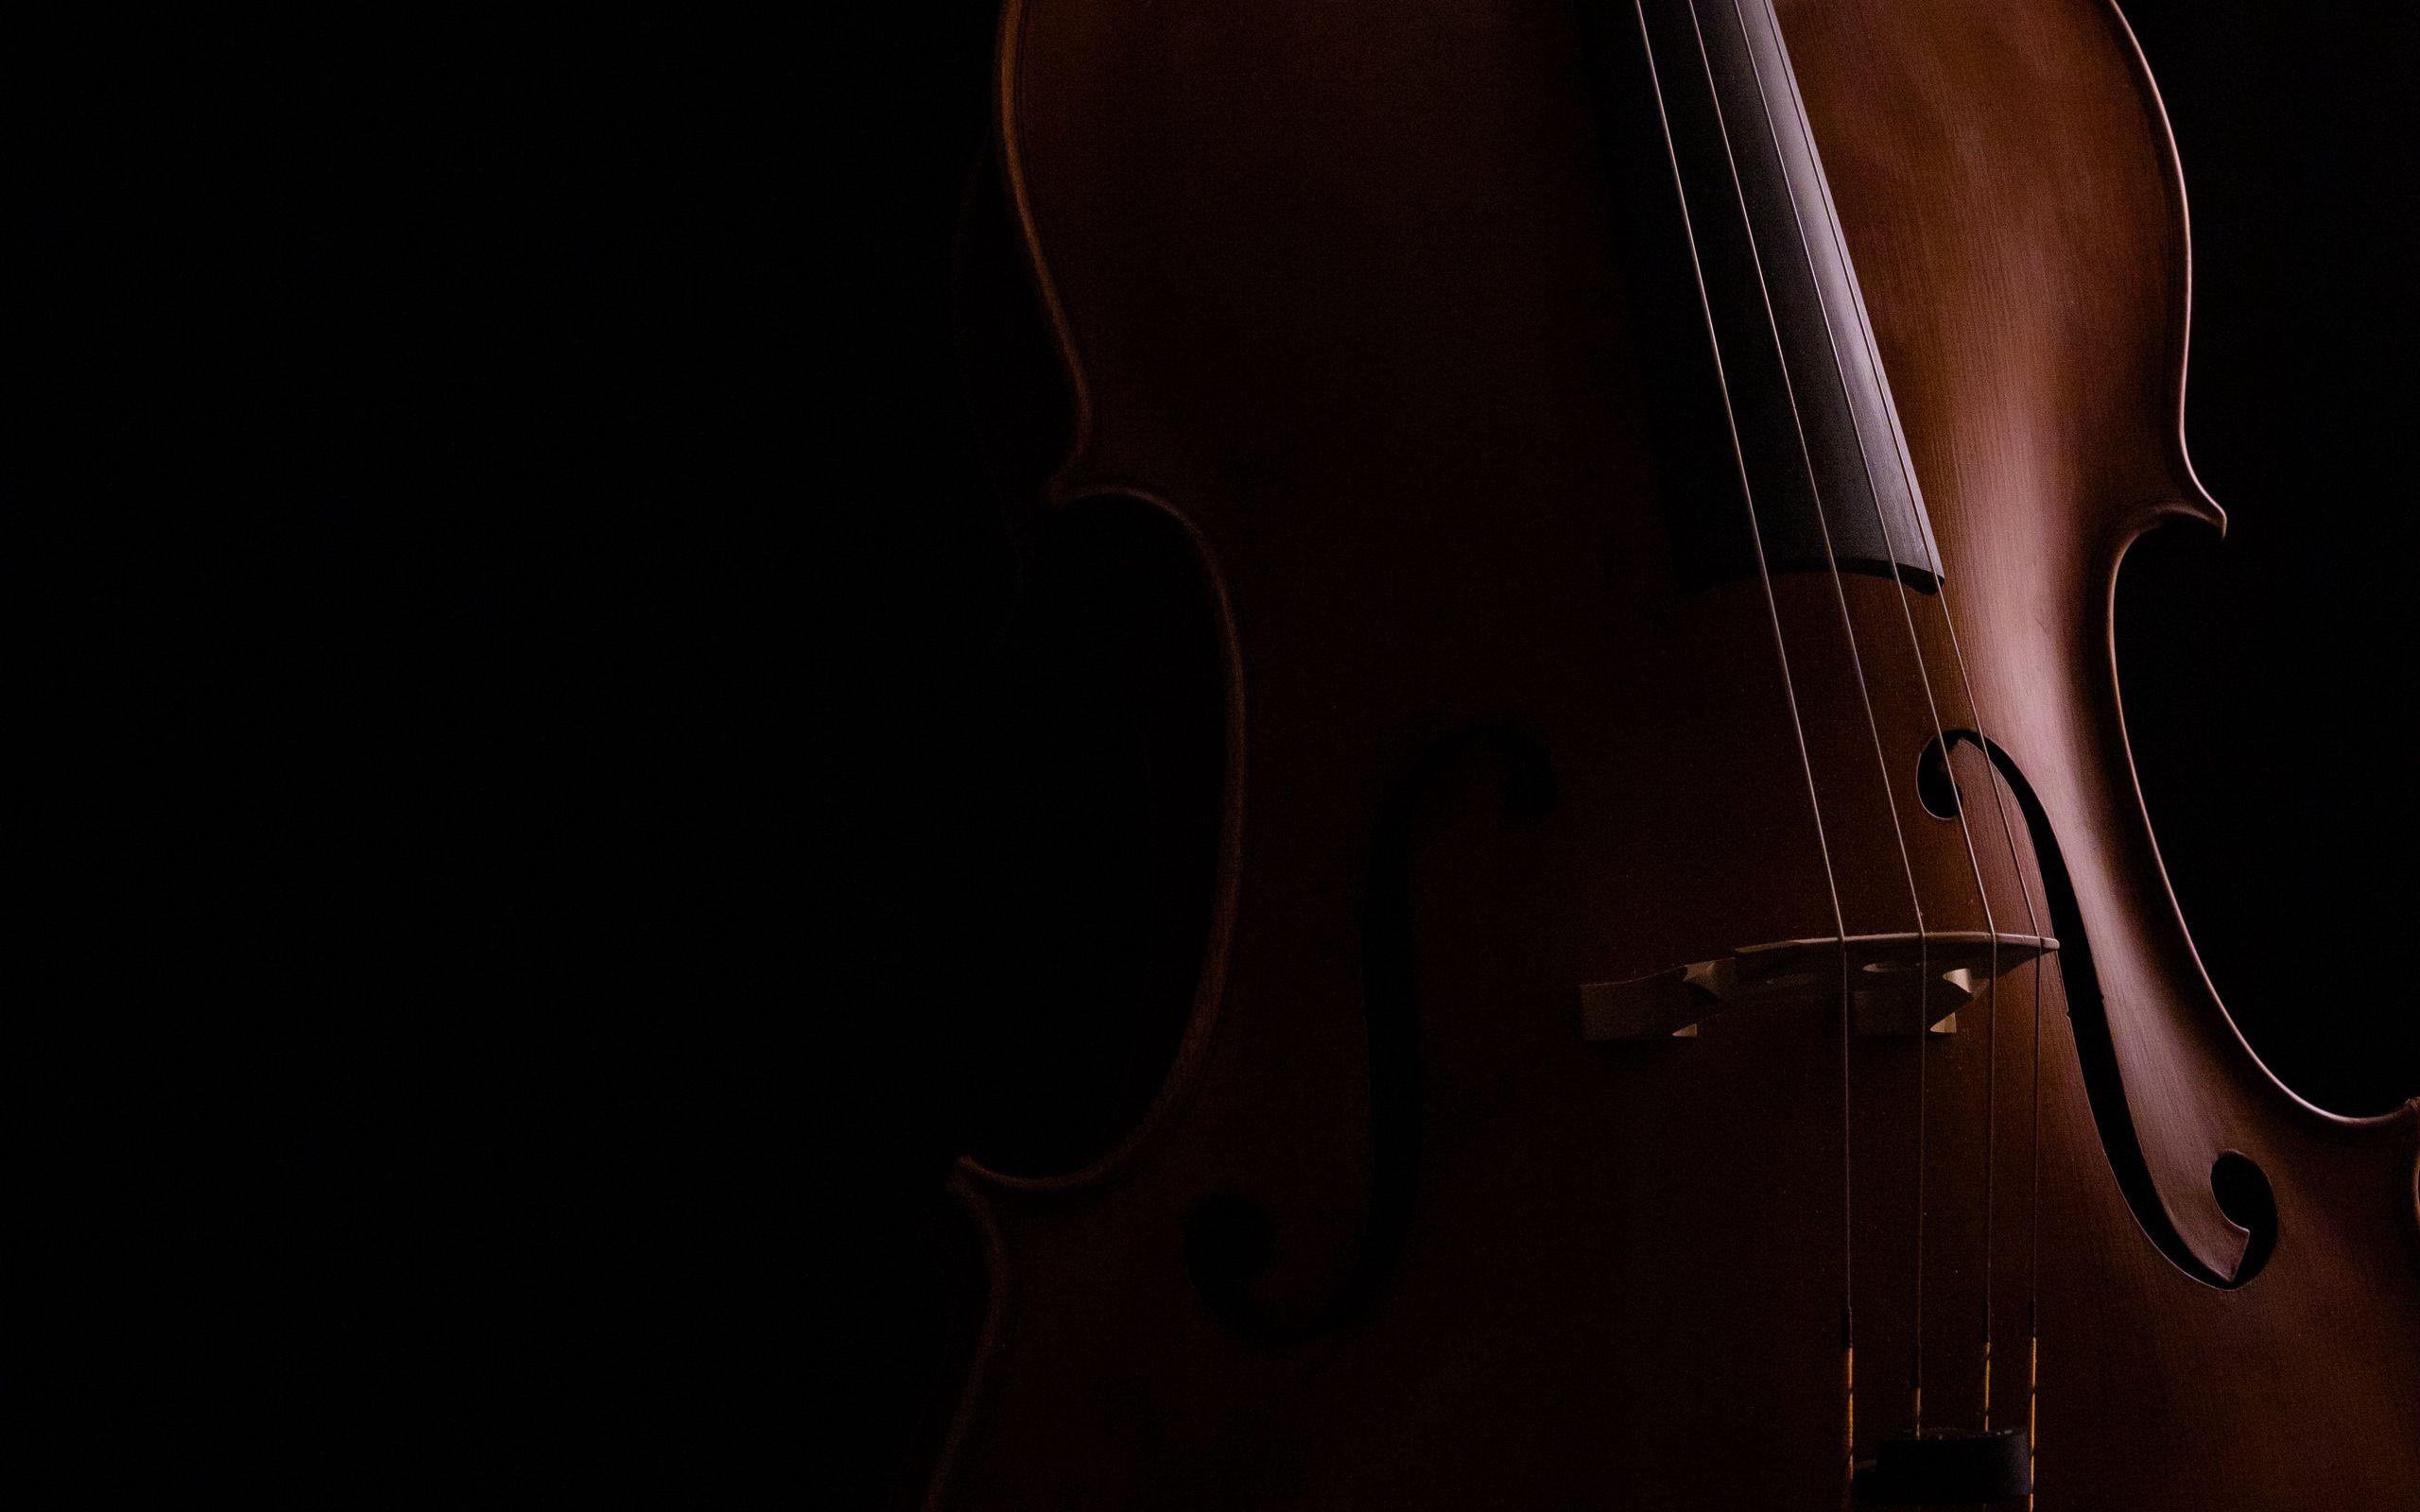 cello background wallpaper 72343